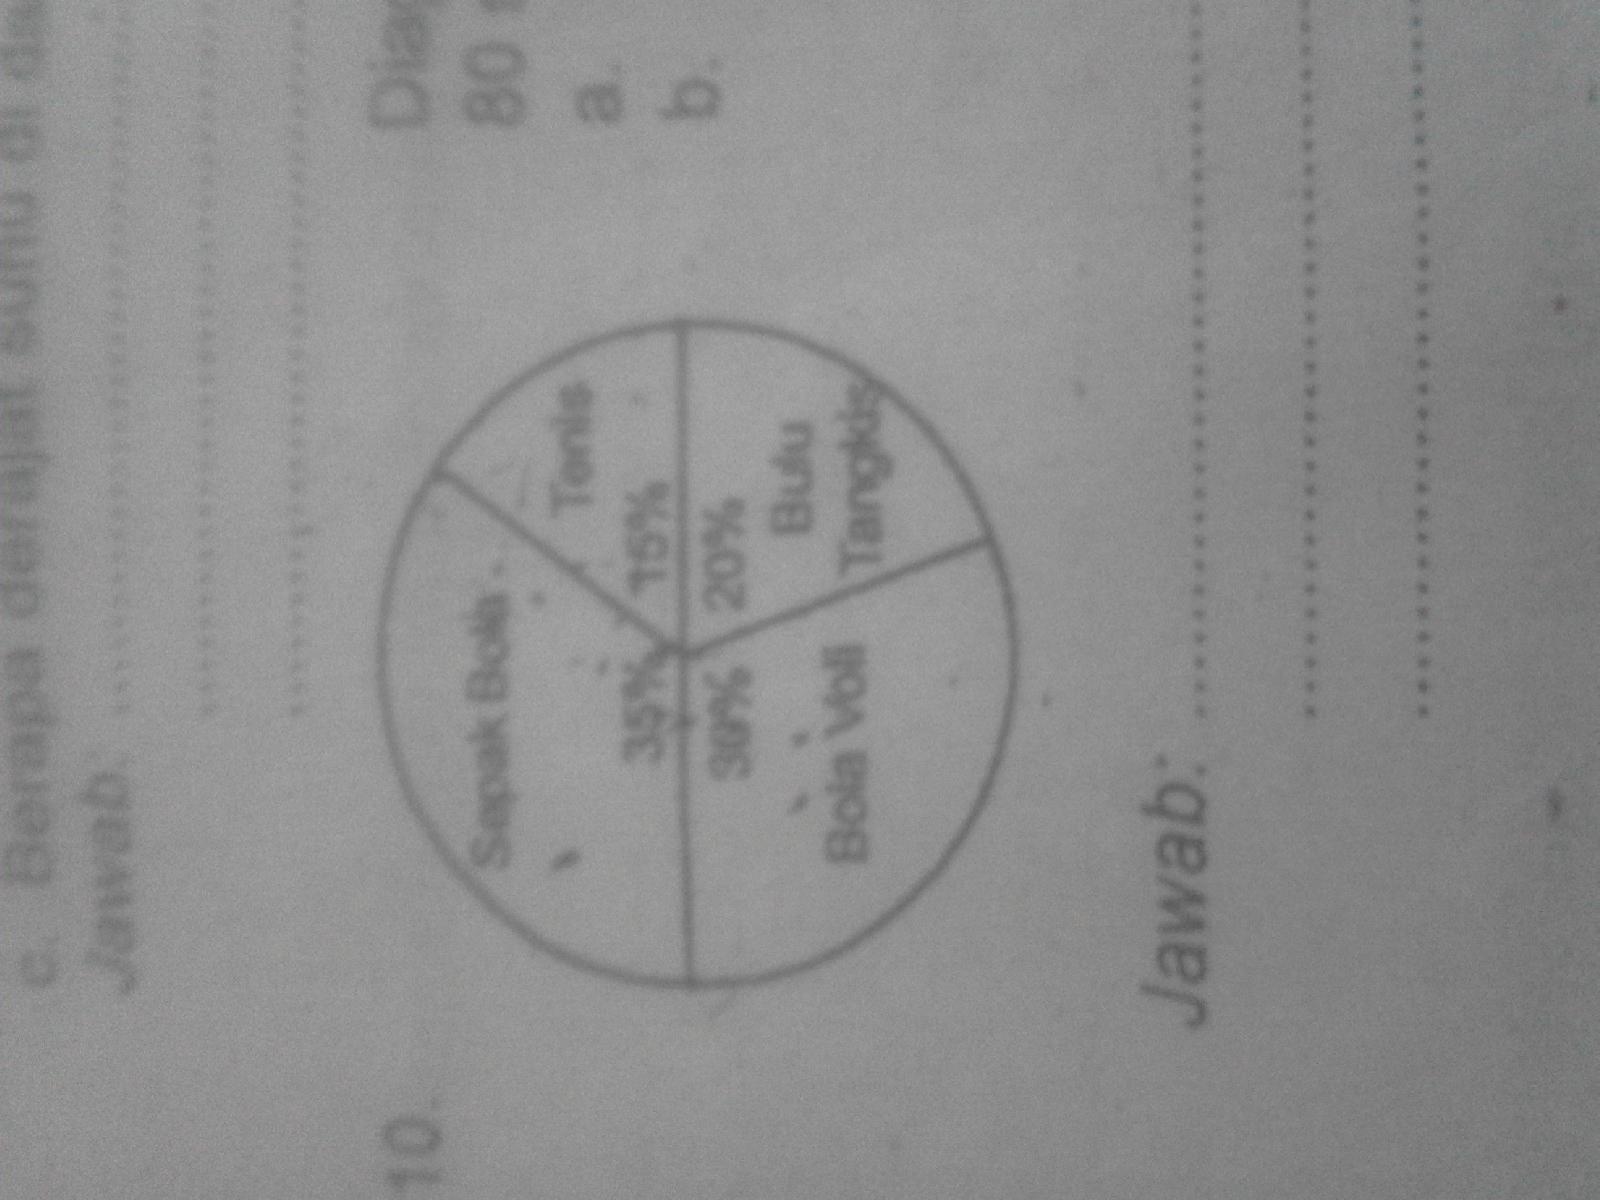 Diagram lingkaran di atas menunjukkan jenis olahraga yang di sukai diagram lingkaran di atas menunjukkan jenis olahraga yang di sukai 80 siswa kelas 5 dan 6 sd merdeka a berapakah anak yg menyukai bola voli bolahraga apa ccuart Images